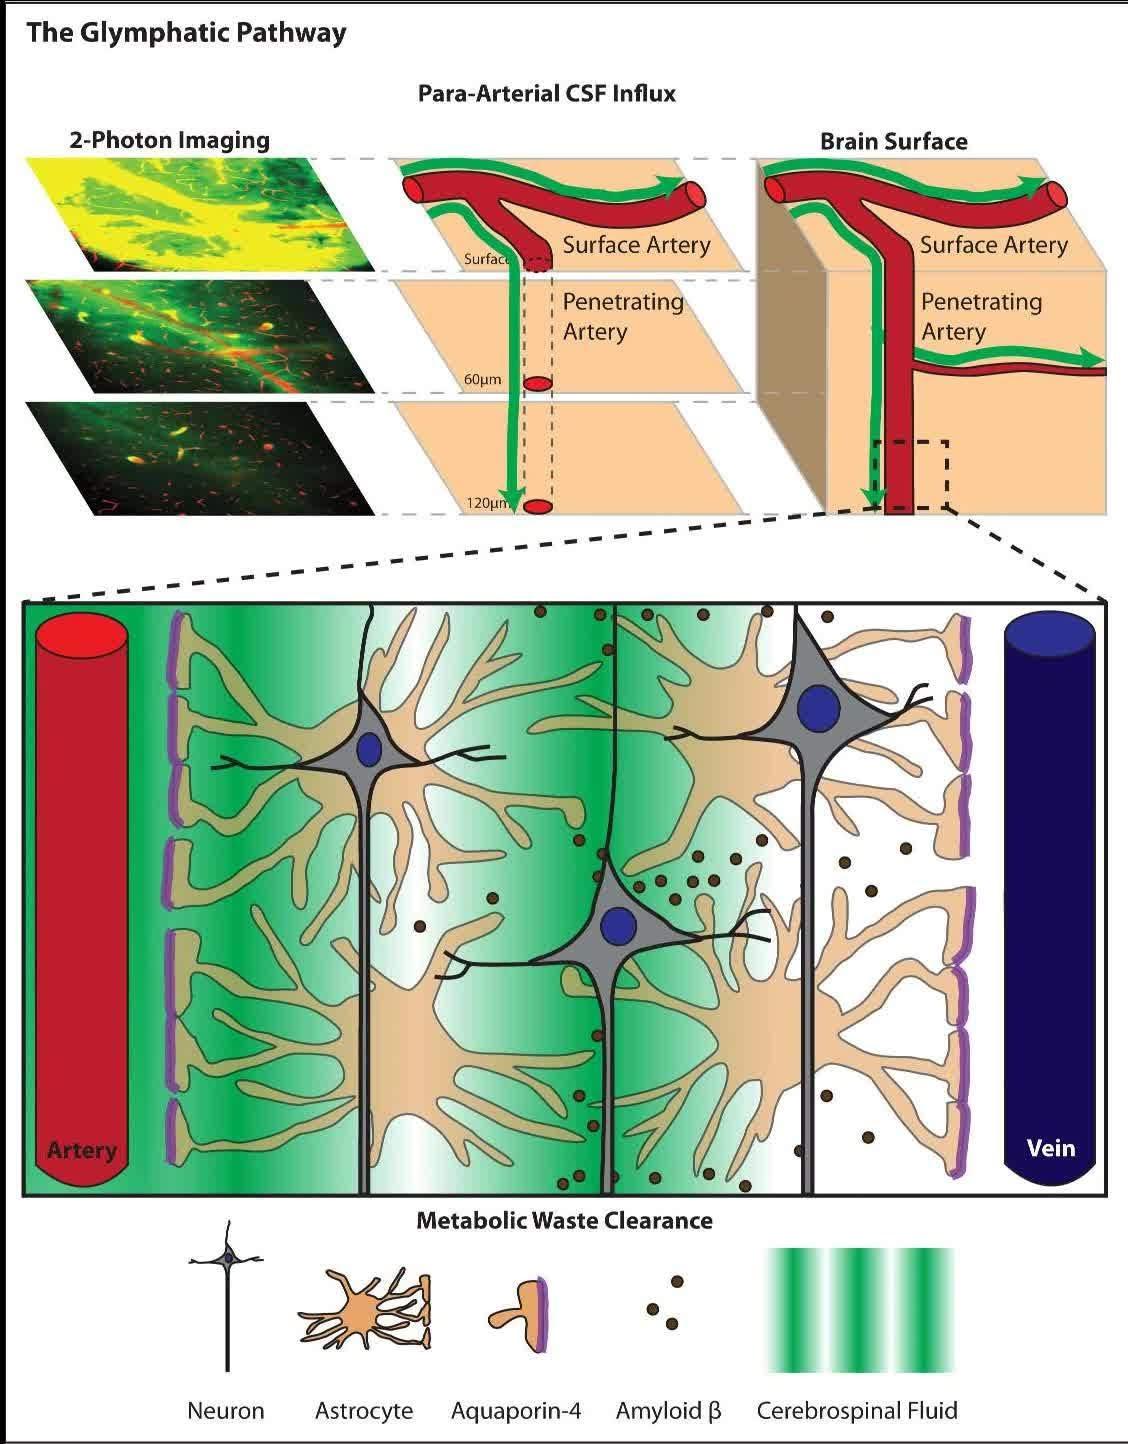 脳内のグリンパティックシステムの動脈から静脈へと脳精髄液がアミロイドβを洗い流す概略